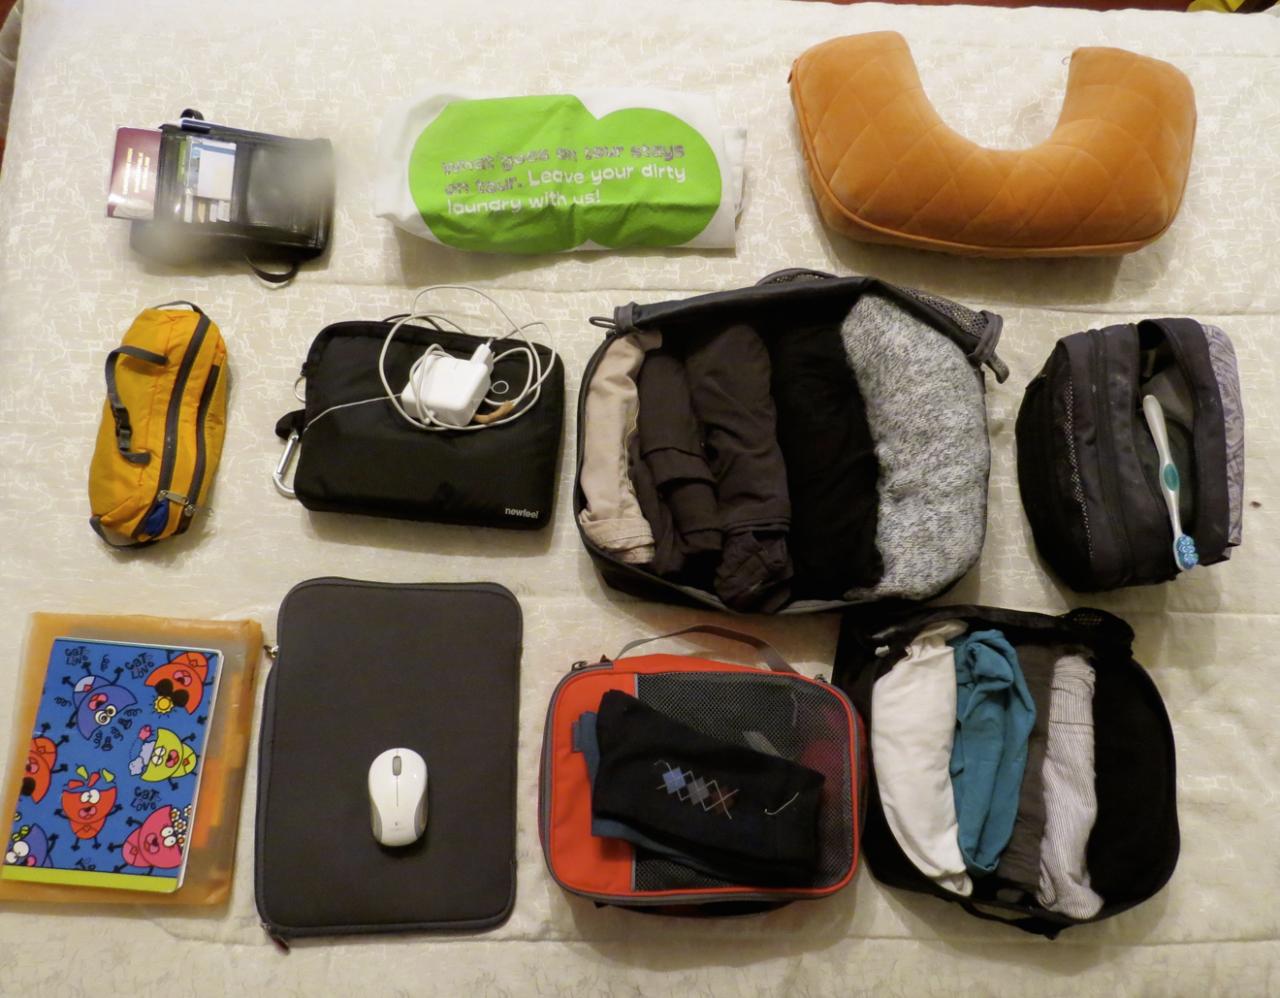 Weltreise planen - eine Packliste hilft den Überblick zu behalten - Reisemodule sind dabei super hilfreich